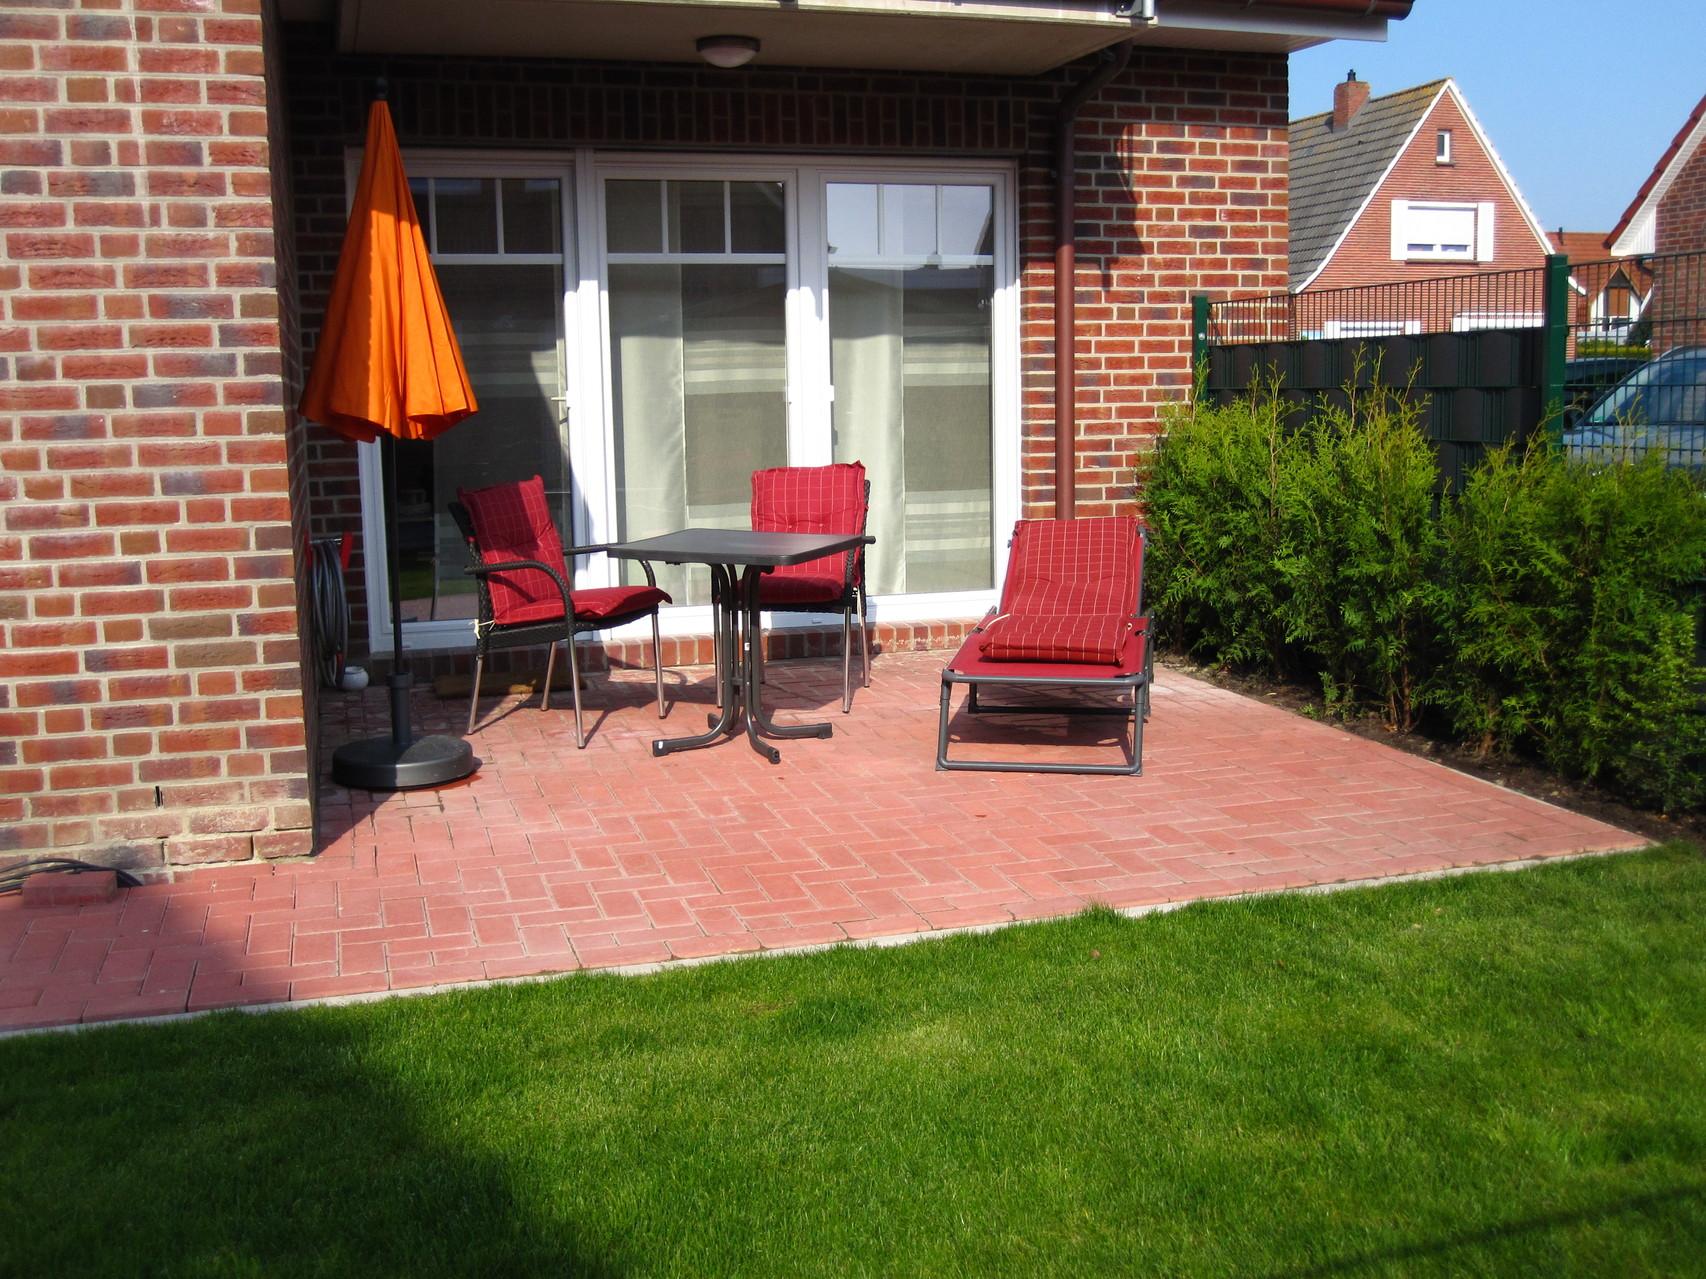 Terrasse mit eingezäuntem Garten (jetzt auch mit Liegestühlen)